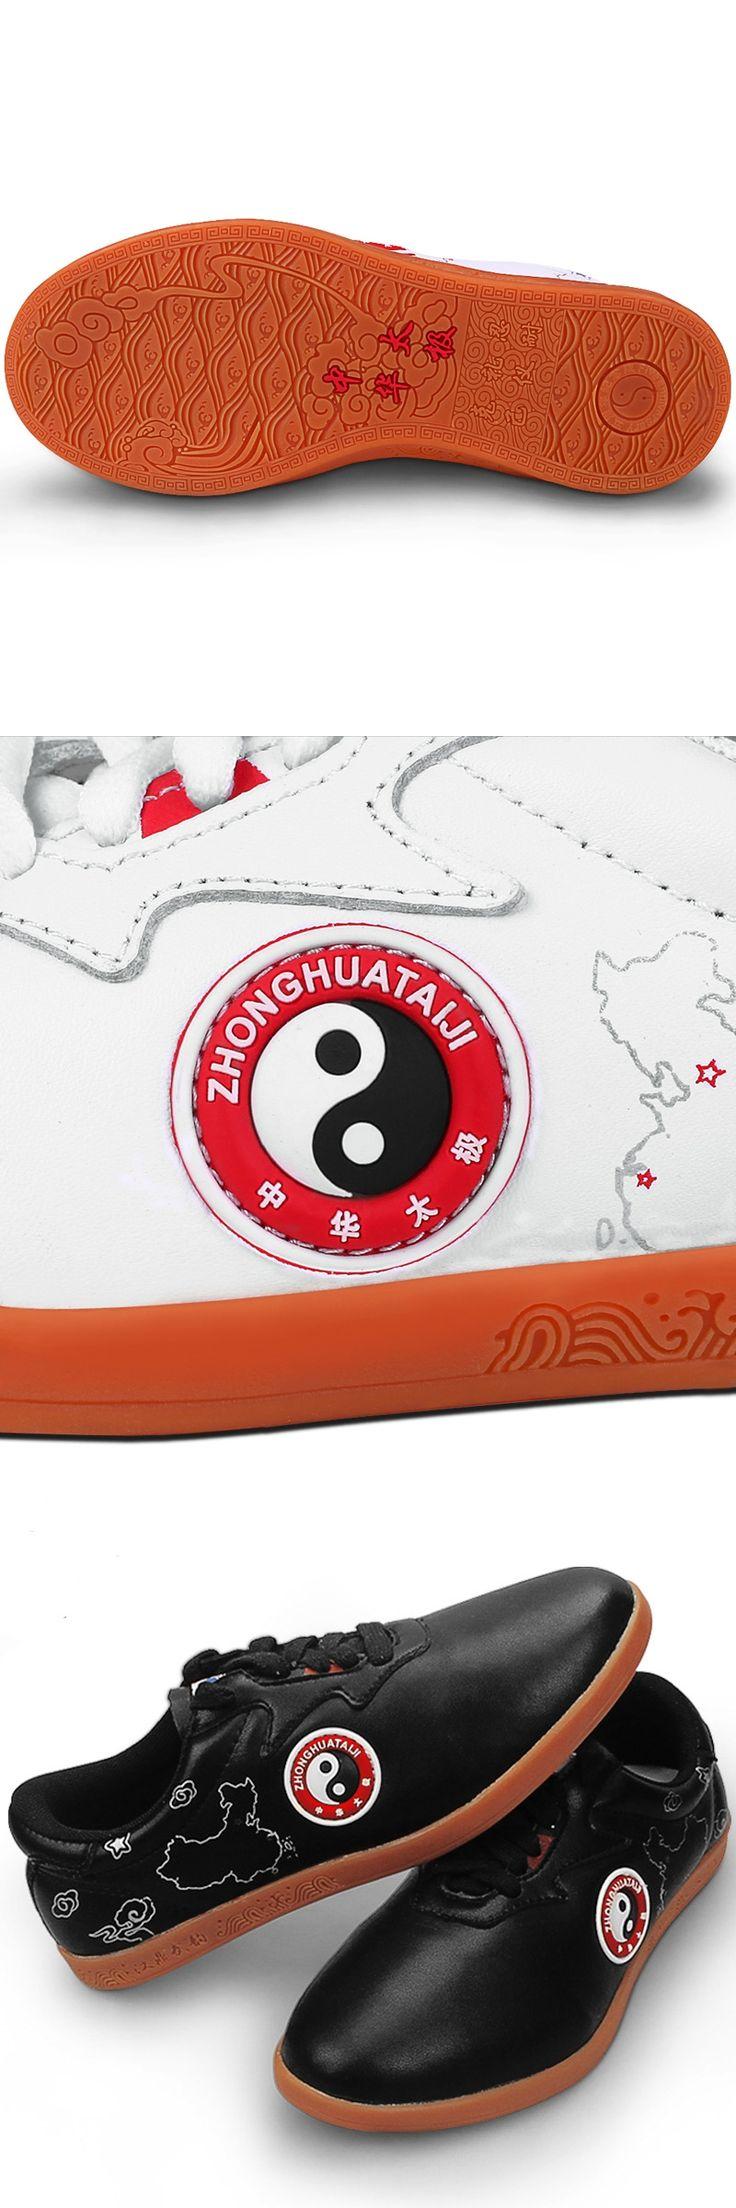 taichi shoes chinese martial art kung fu shoes wushu shoes for men